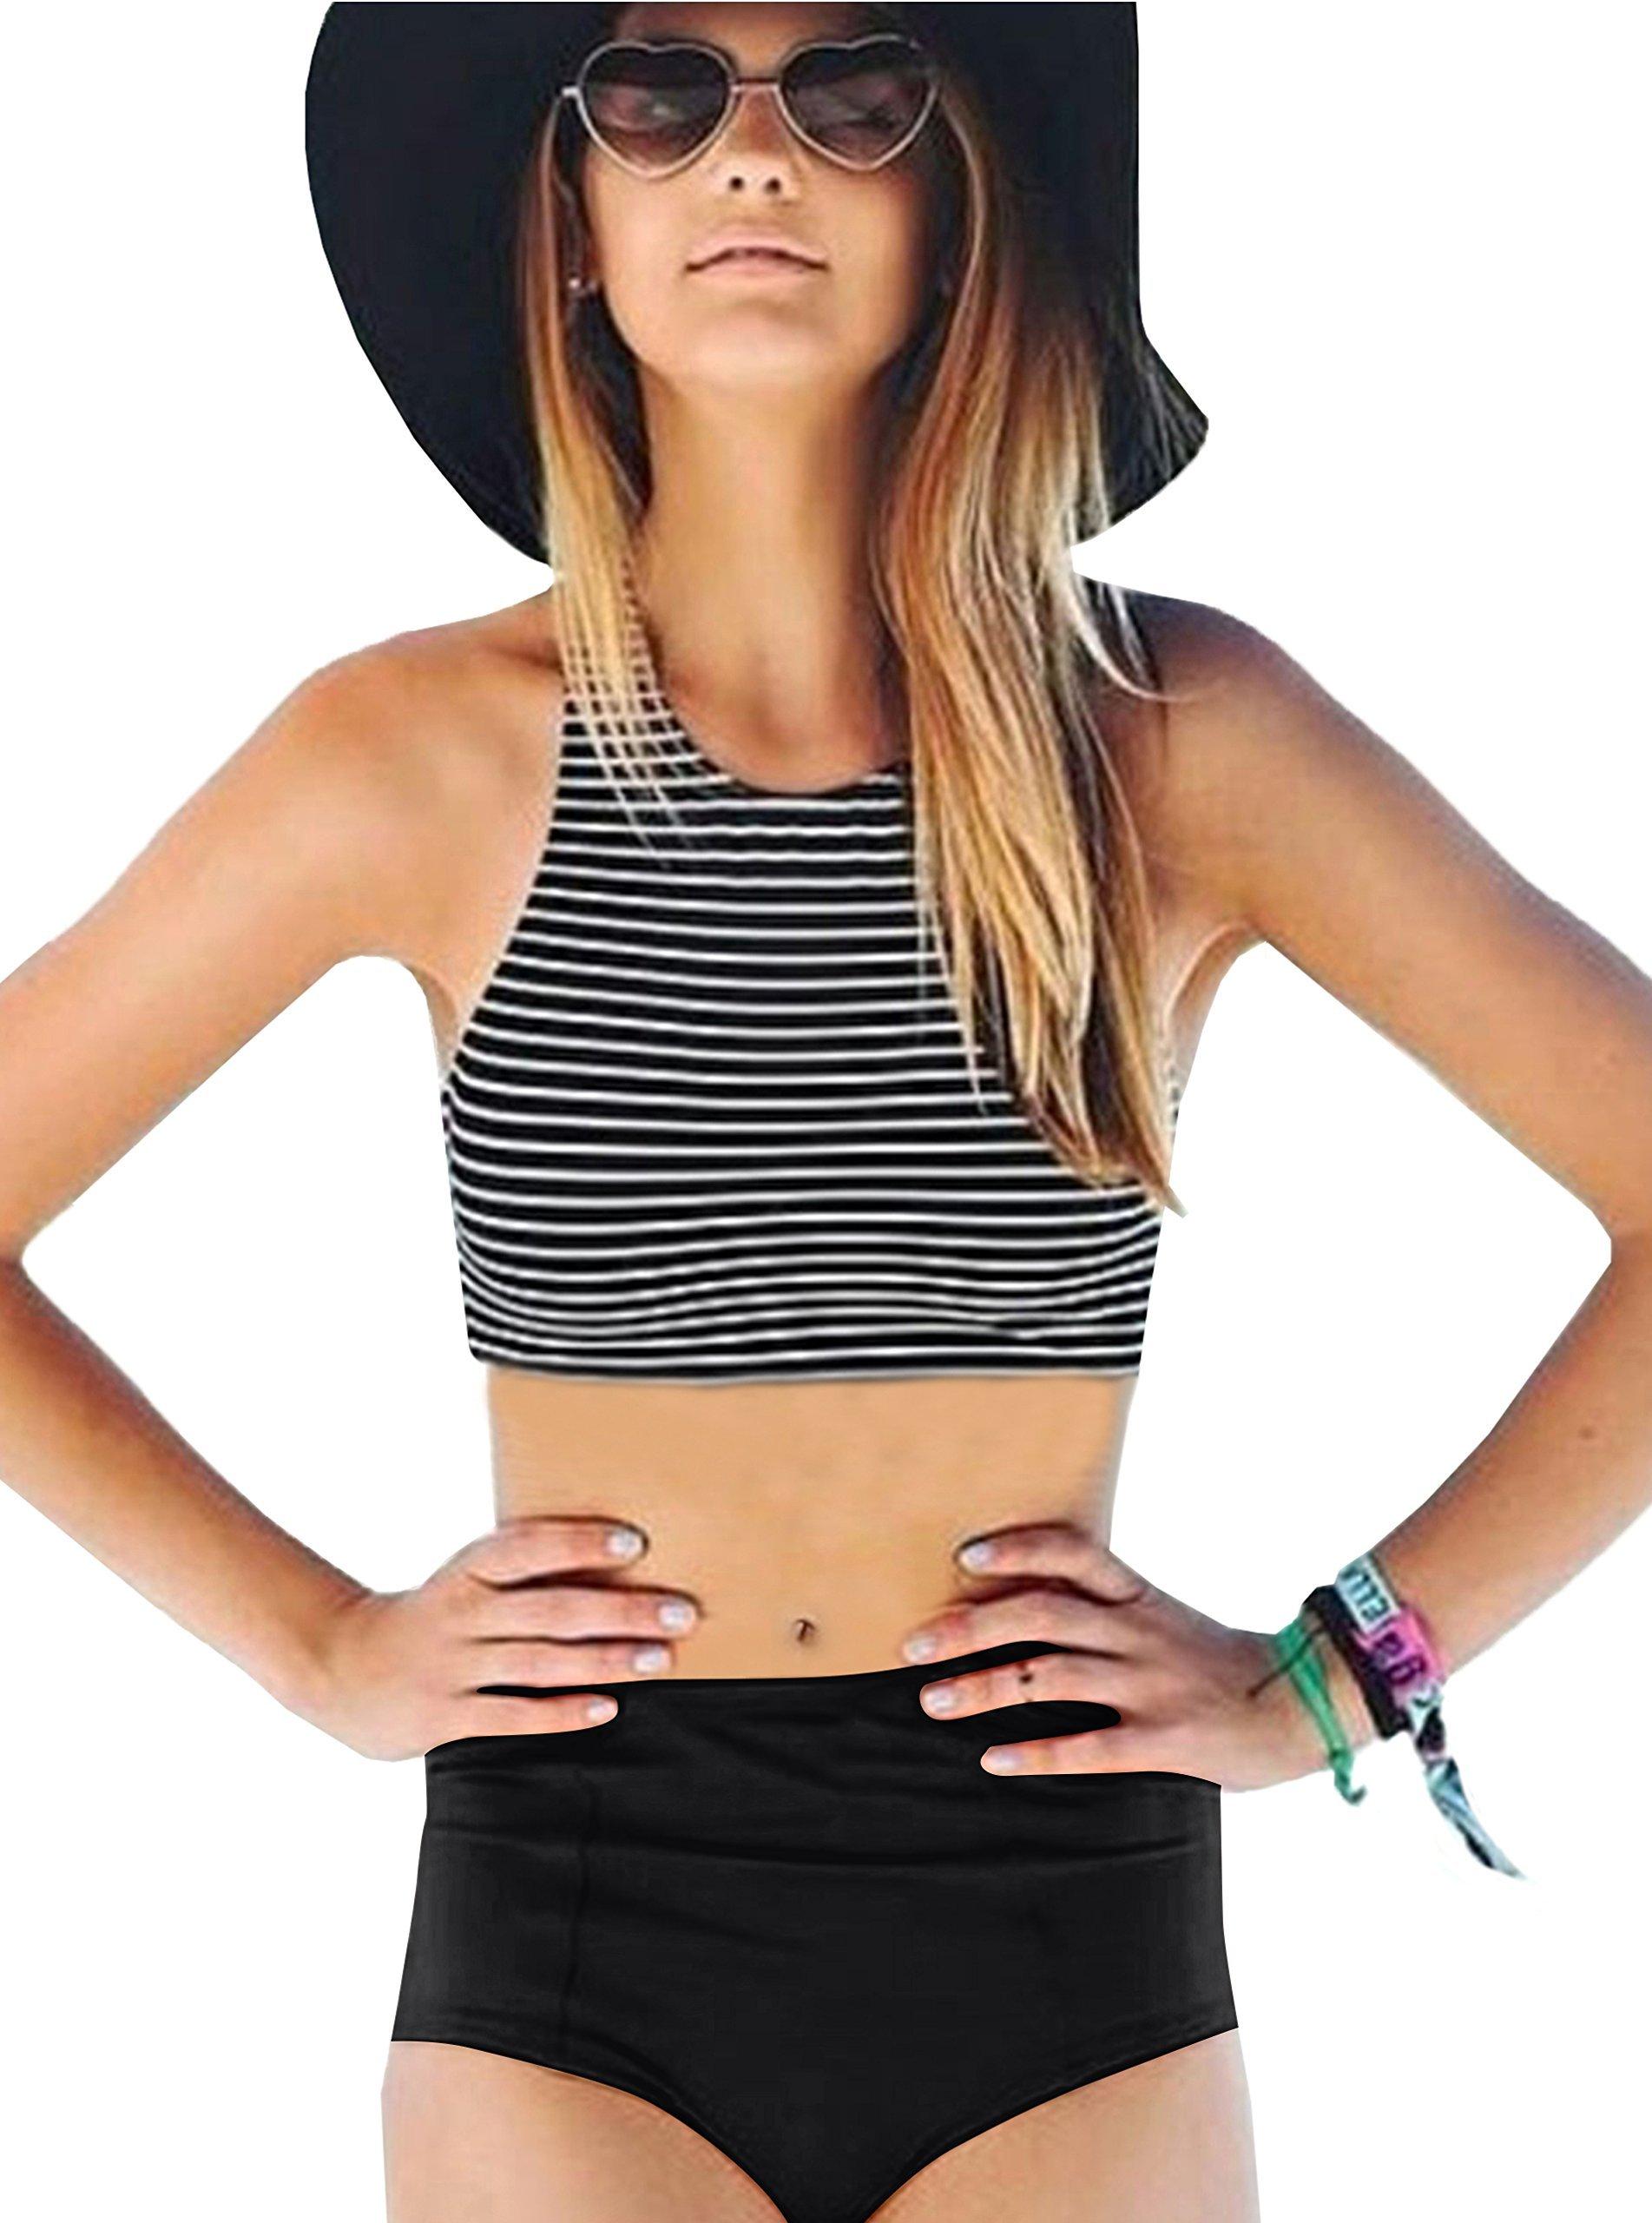 ZITY Stripe Racerback Swimsuit for Women,2PCS Stripe Racerback High Waisted Swimsuit Black XL